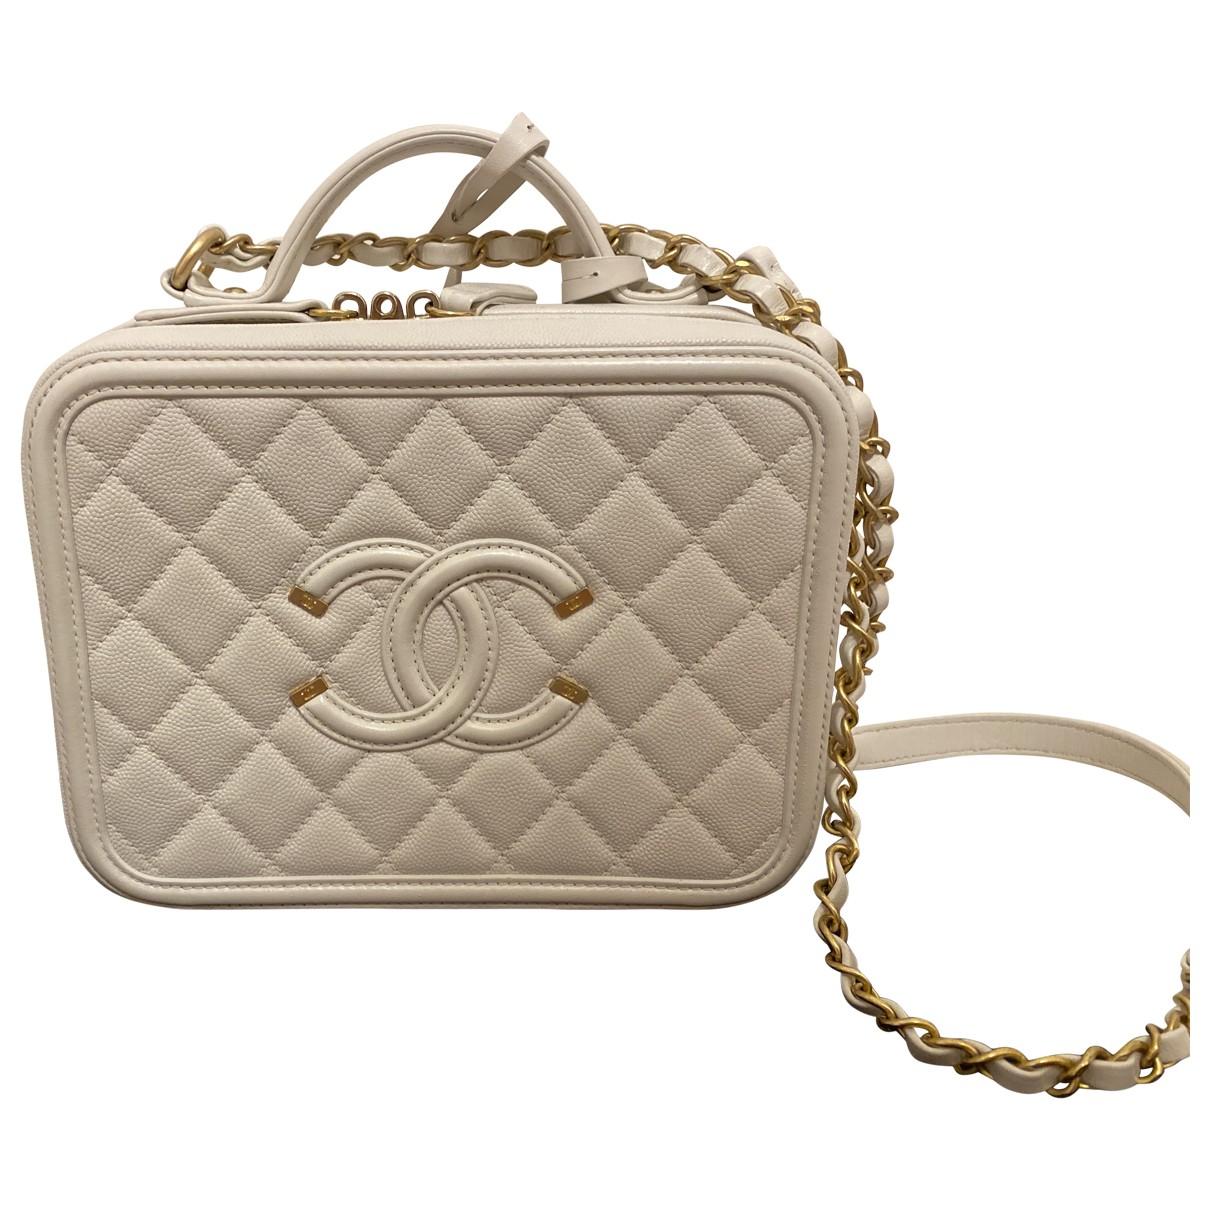 Chanel Vanity White Leather handbag for Women \N